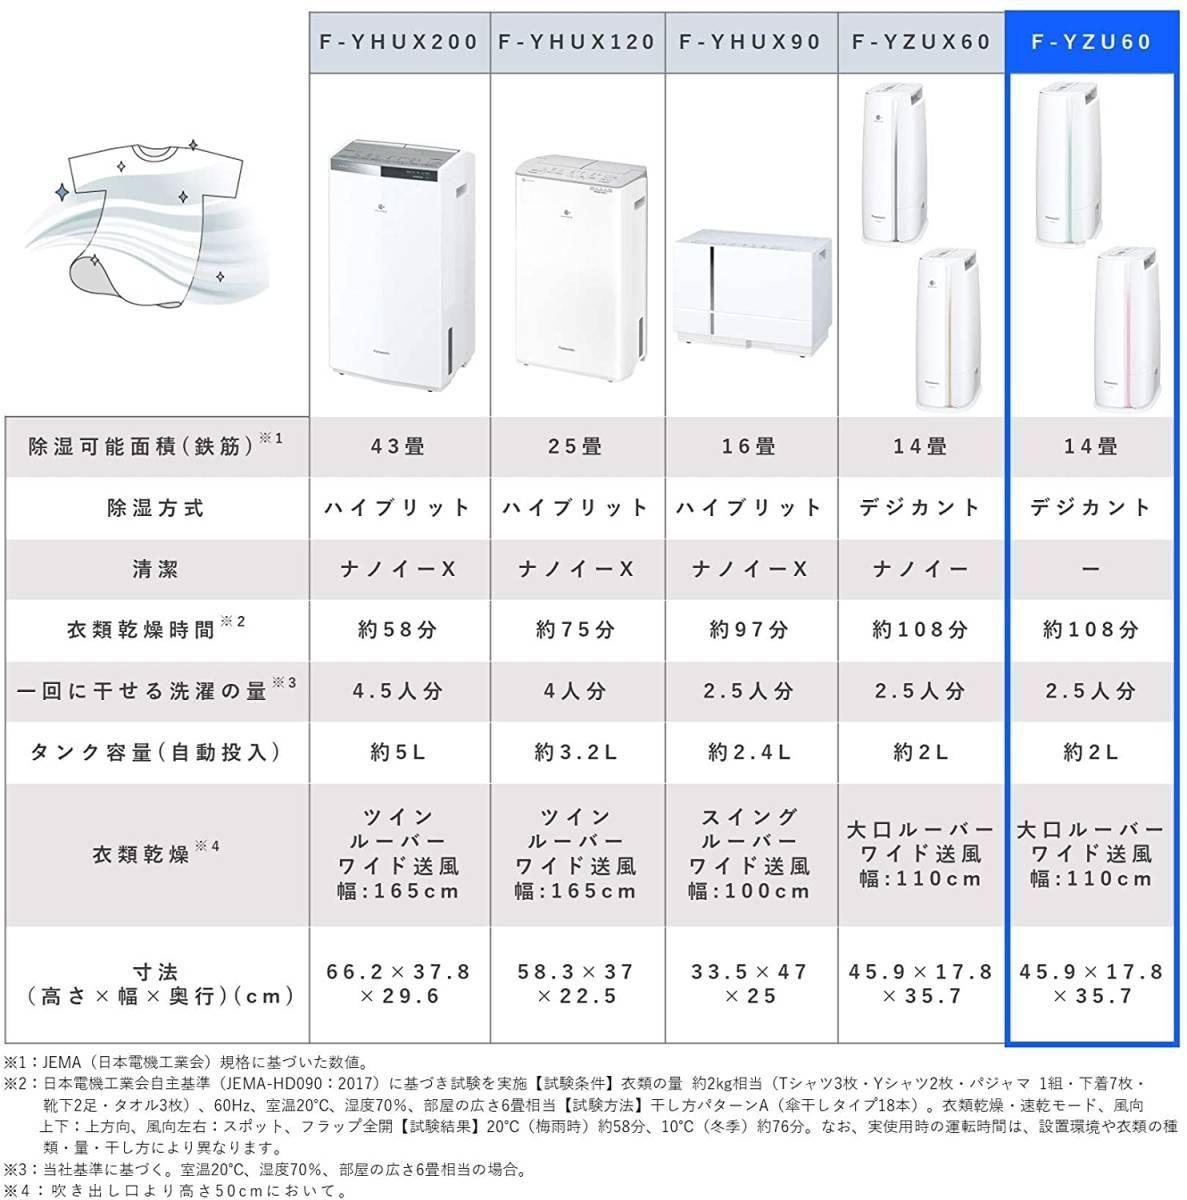 新品■パナソニック 衣類乾燥除湿機 デシカント方式 ~14畳 ピンク F-YZU60-P_画像7